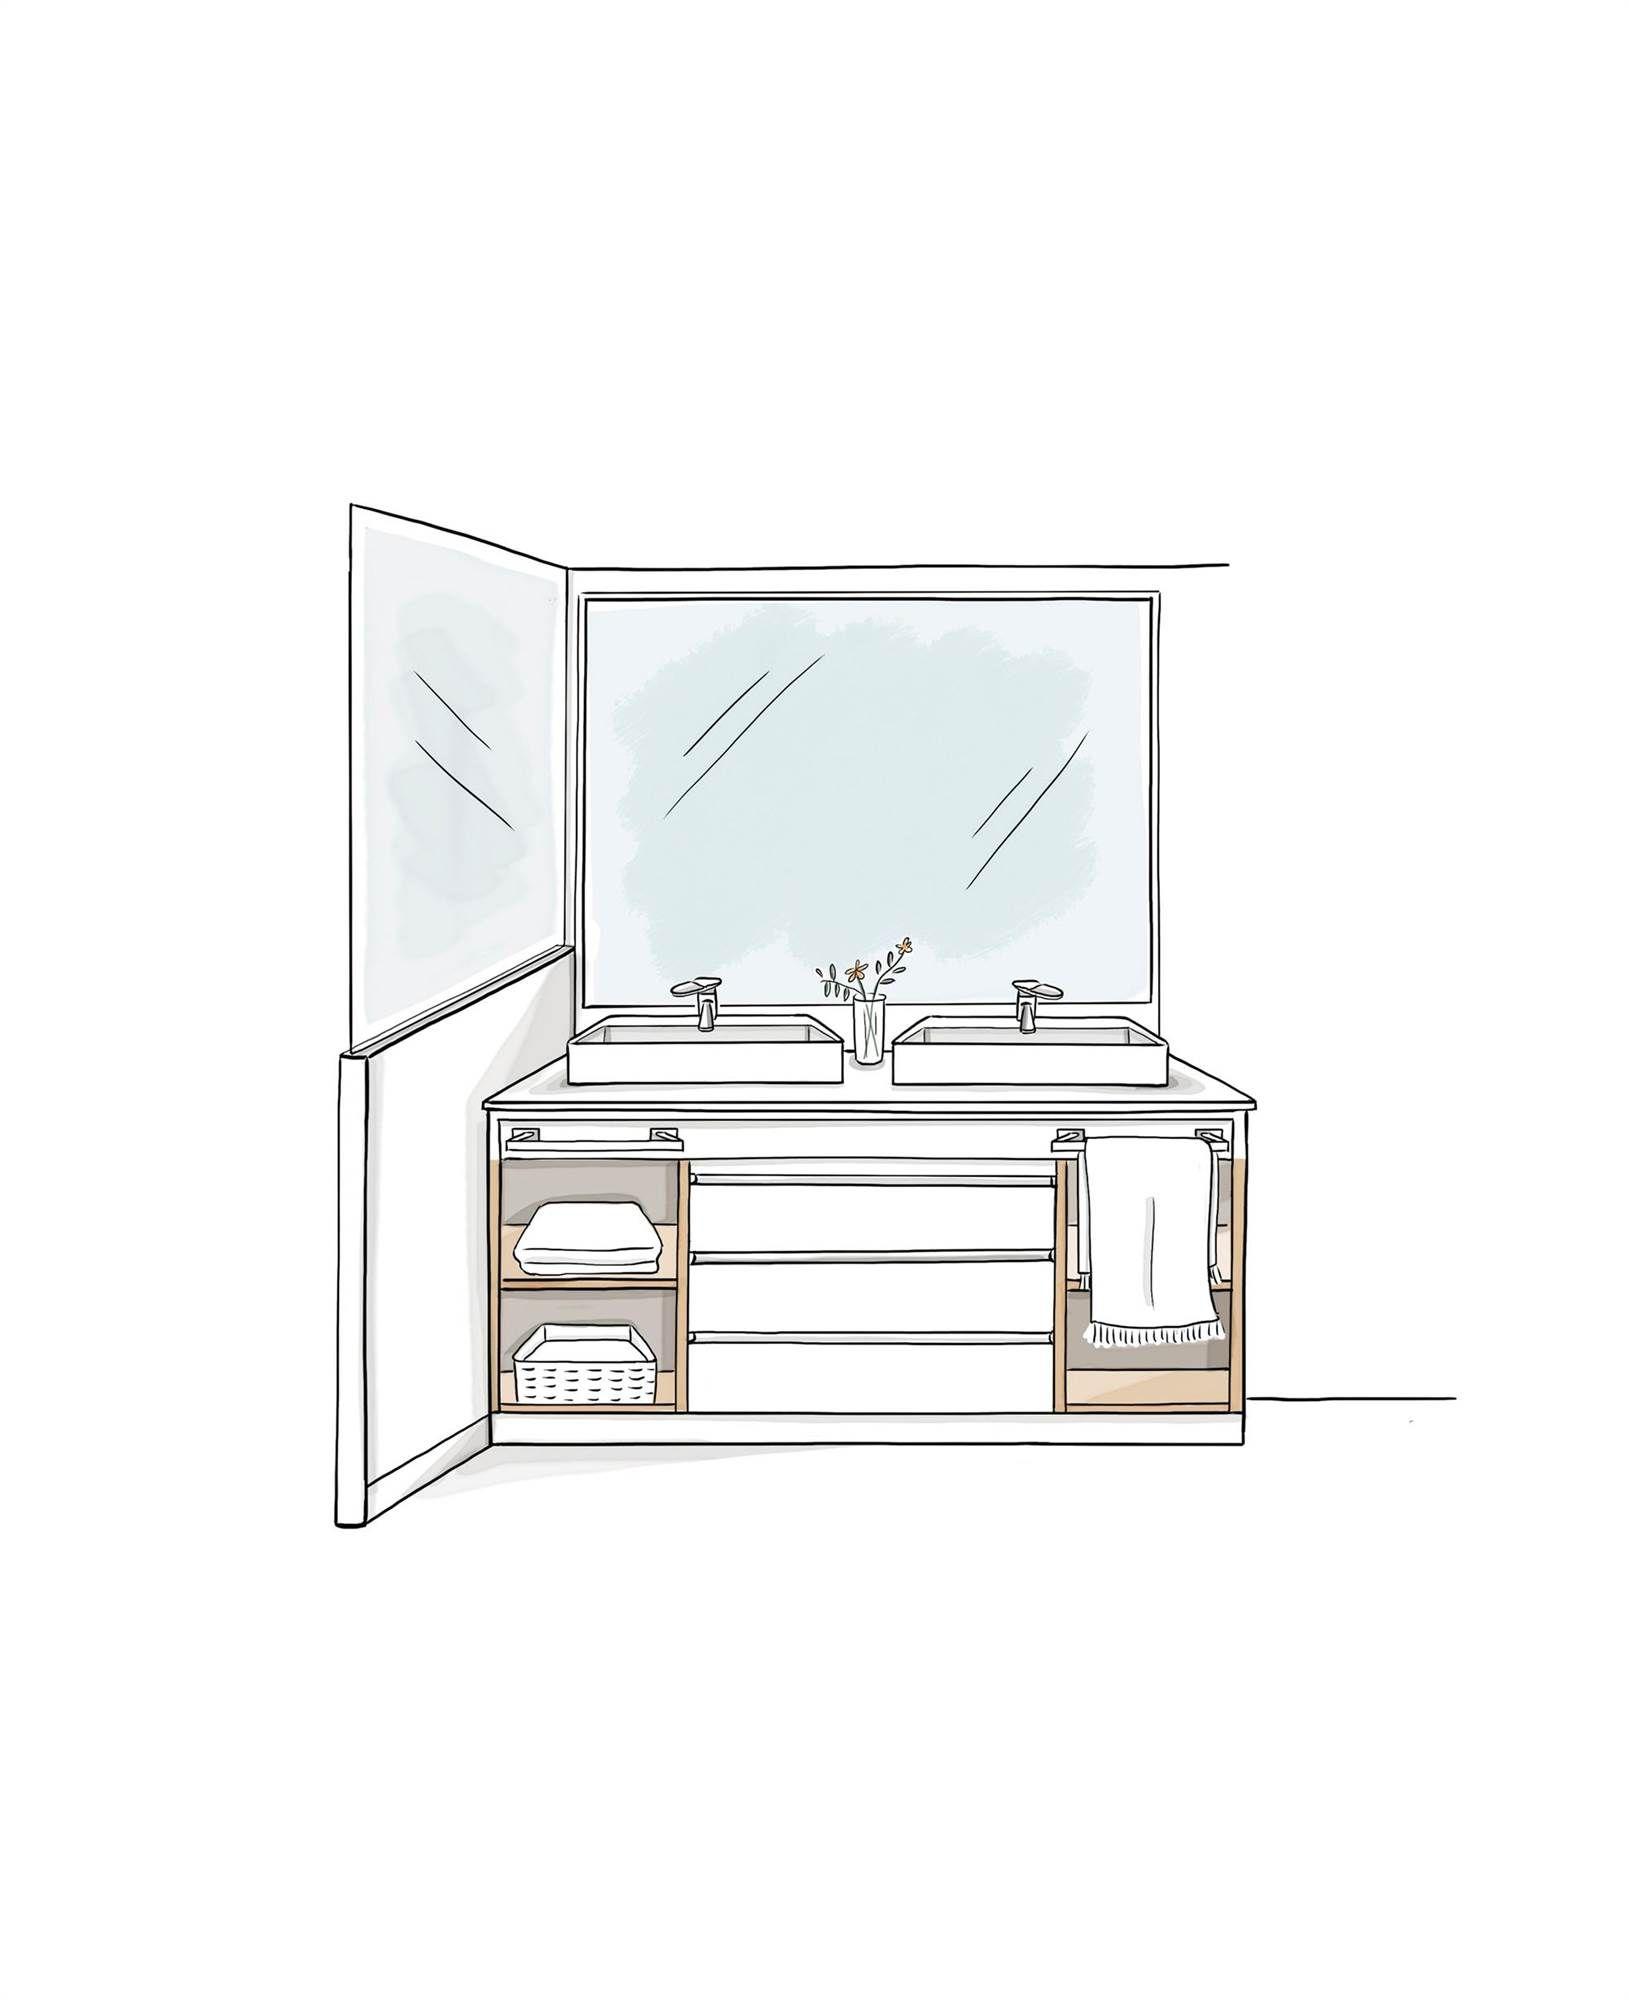 Para Guardar Muuuucho Muebles De Bano Espejo Dibujo Bocetos De Diseno De Interiores